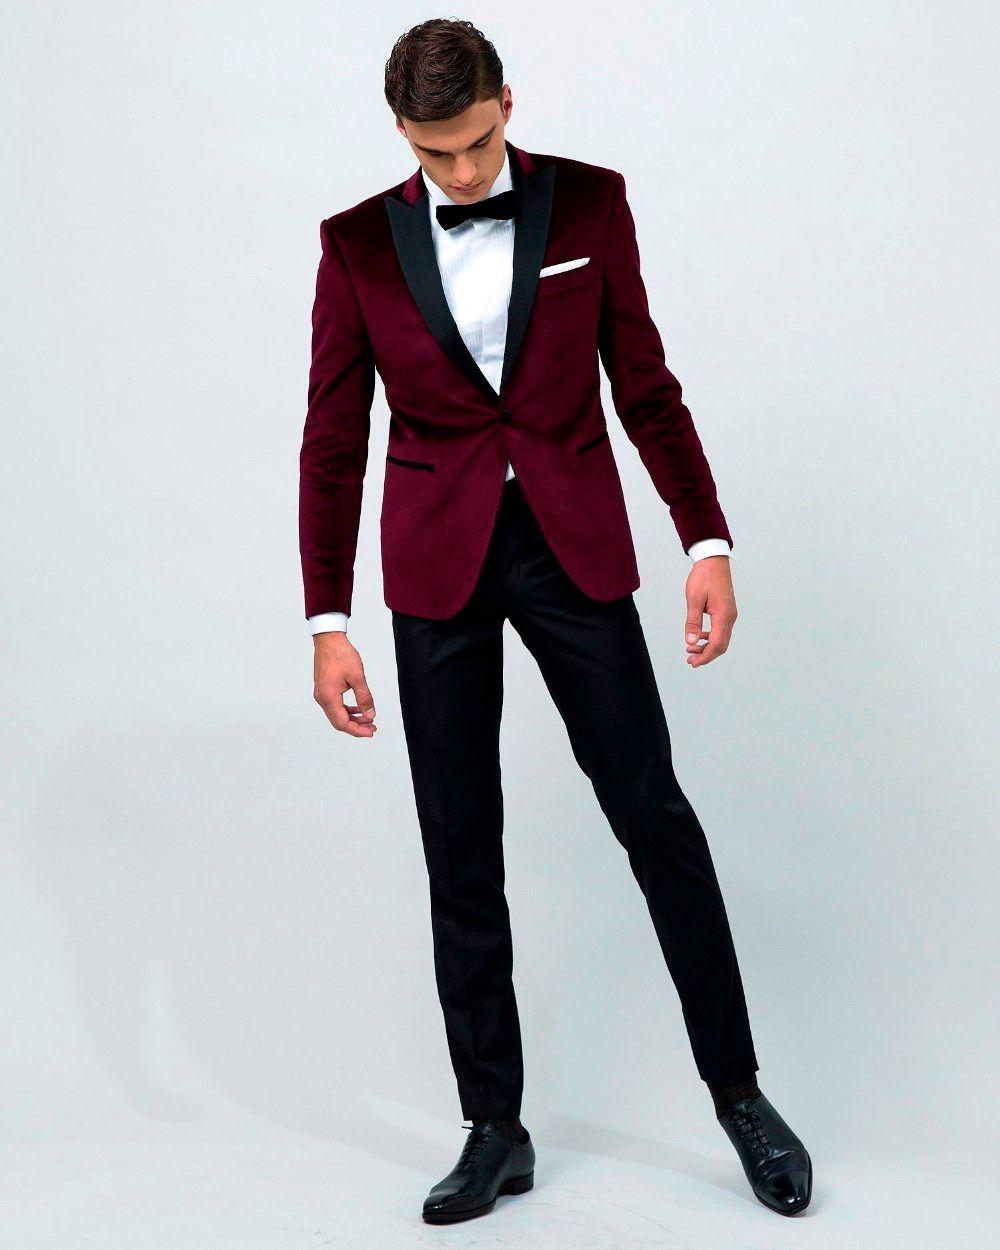 Airtailors vintage Kadife Şarap Kırmızı Tepe Yaka Smokin / erkekler için düğün Suit / Damat özel giyim giymek (ceket + pantolon + yay)